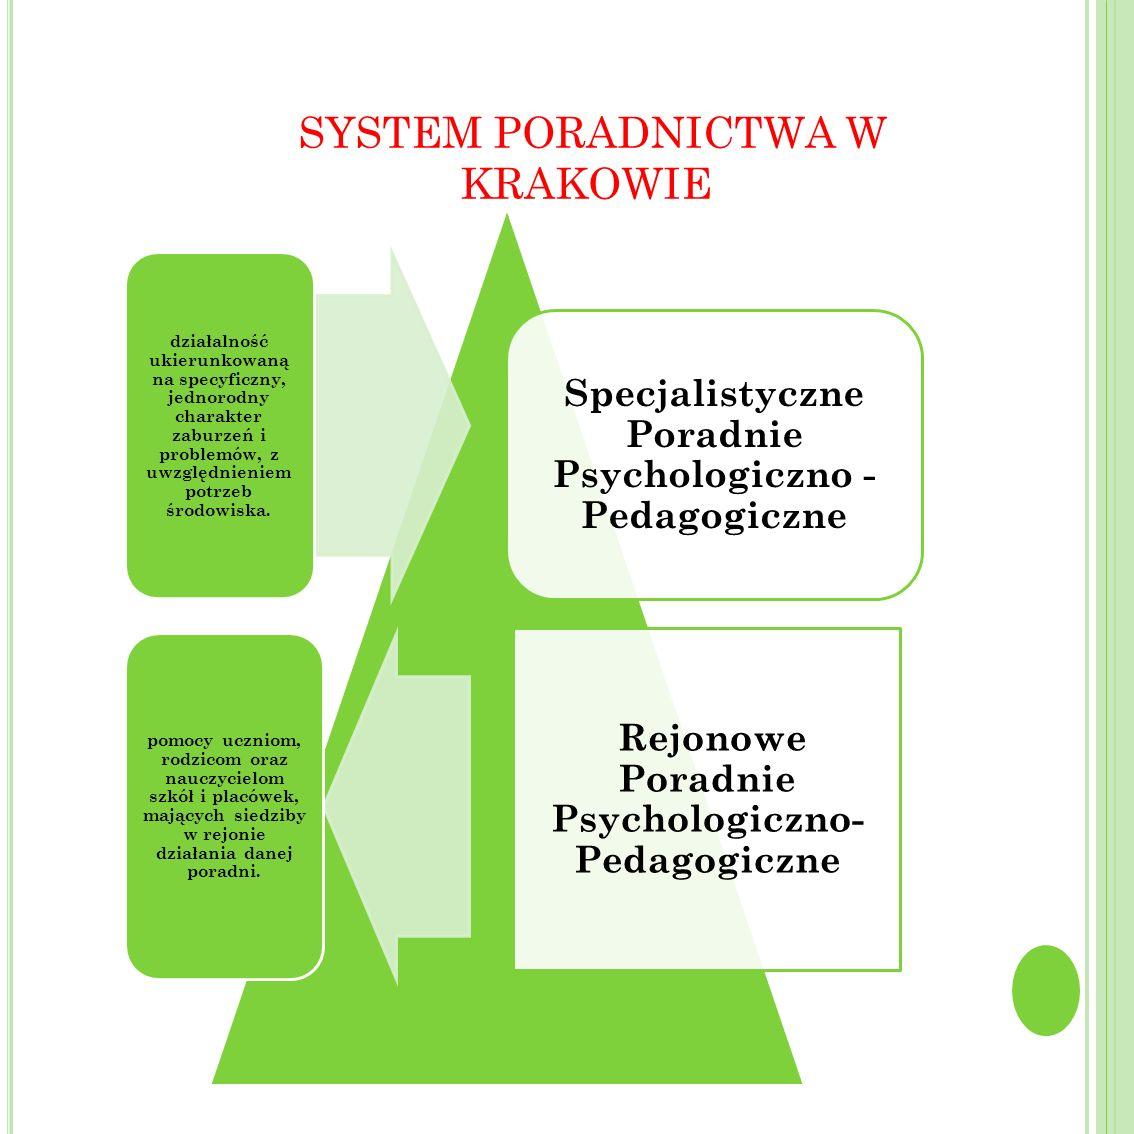 SYSTEM PORADNICTWA W KRAKOWIE Specjalistyczne Poradnie Psychologiczno - Pedagogiczne Rejonowe Poradnie Psychologiczno- Pedagogiczne działalność ukieru